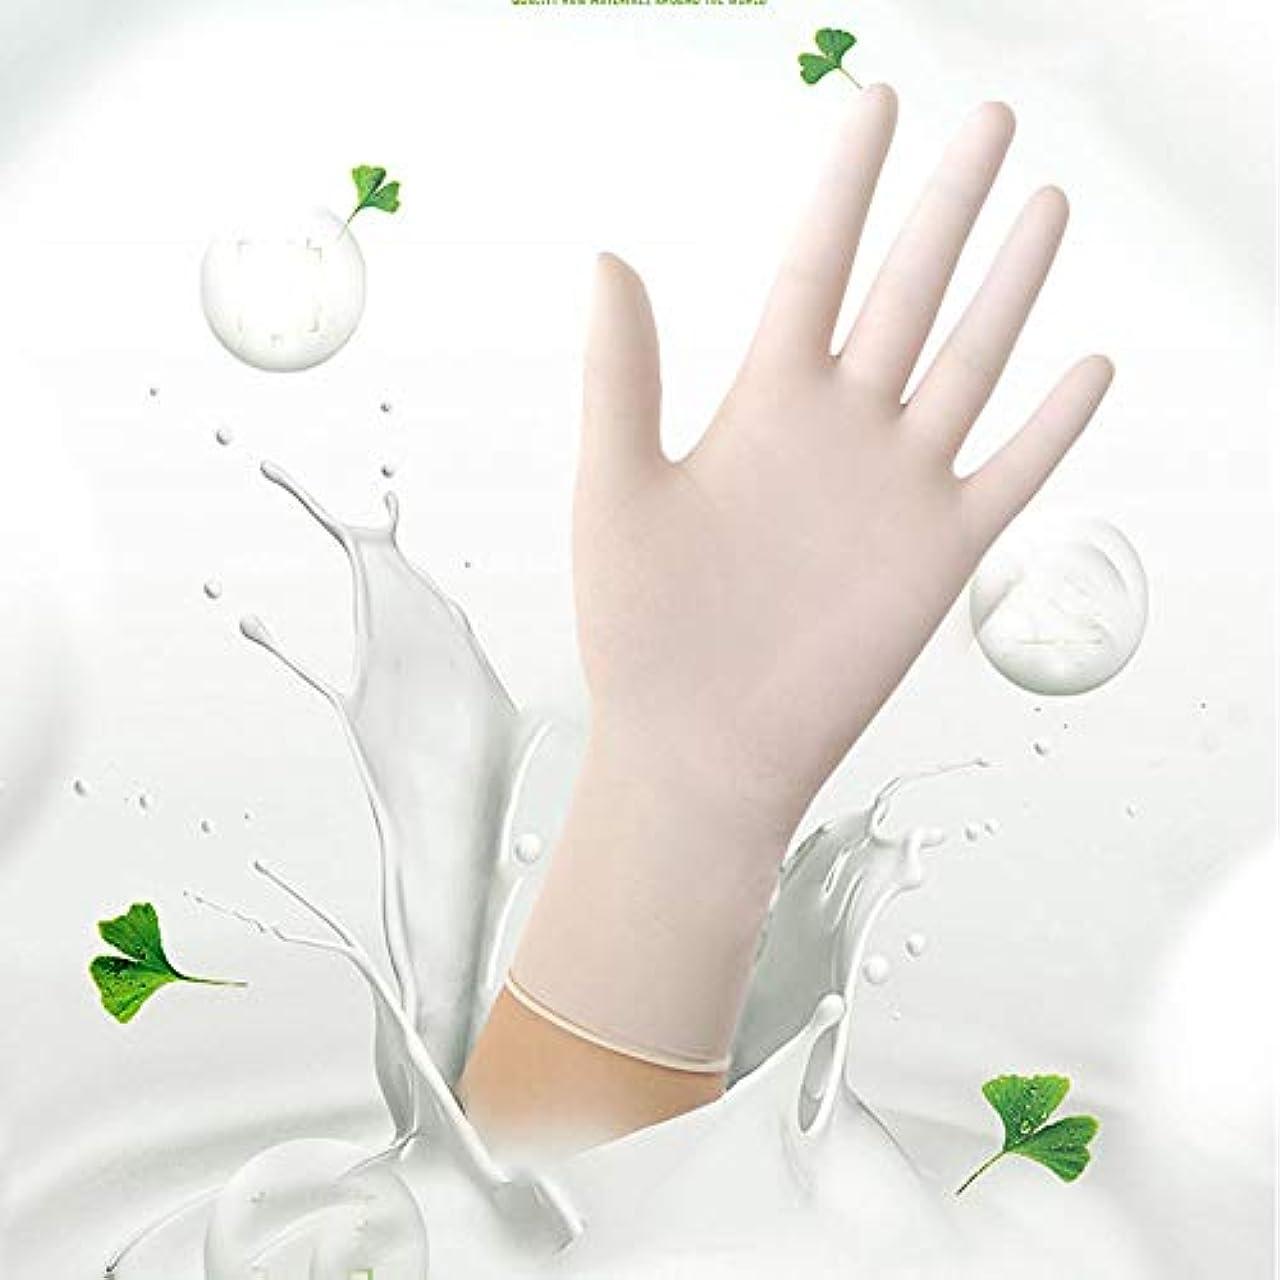 おじいちゃんライバル置き場ニトリル検査用手袋 - 医療用グレード、パウダーフリー、ラテックスラバーフリー、使い捨て、非滅菌、食品安全、インディゴ色、100カウント、サイズS-L (Color : White, Size : S)